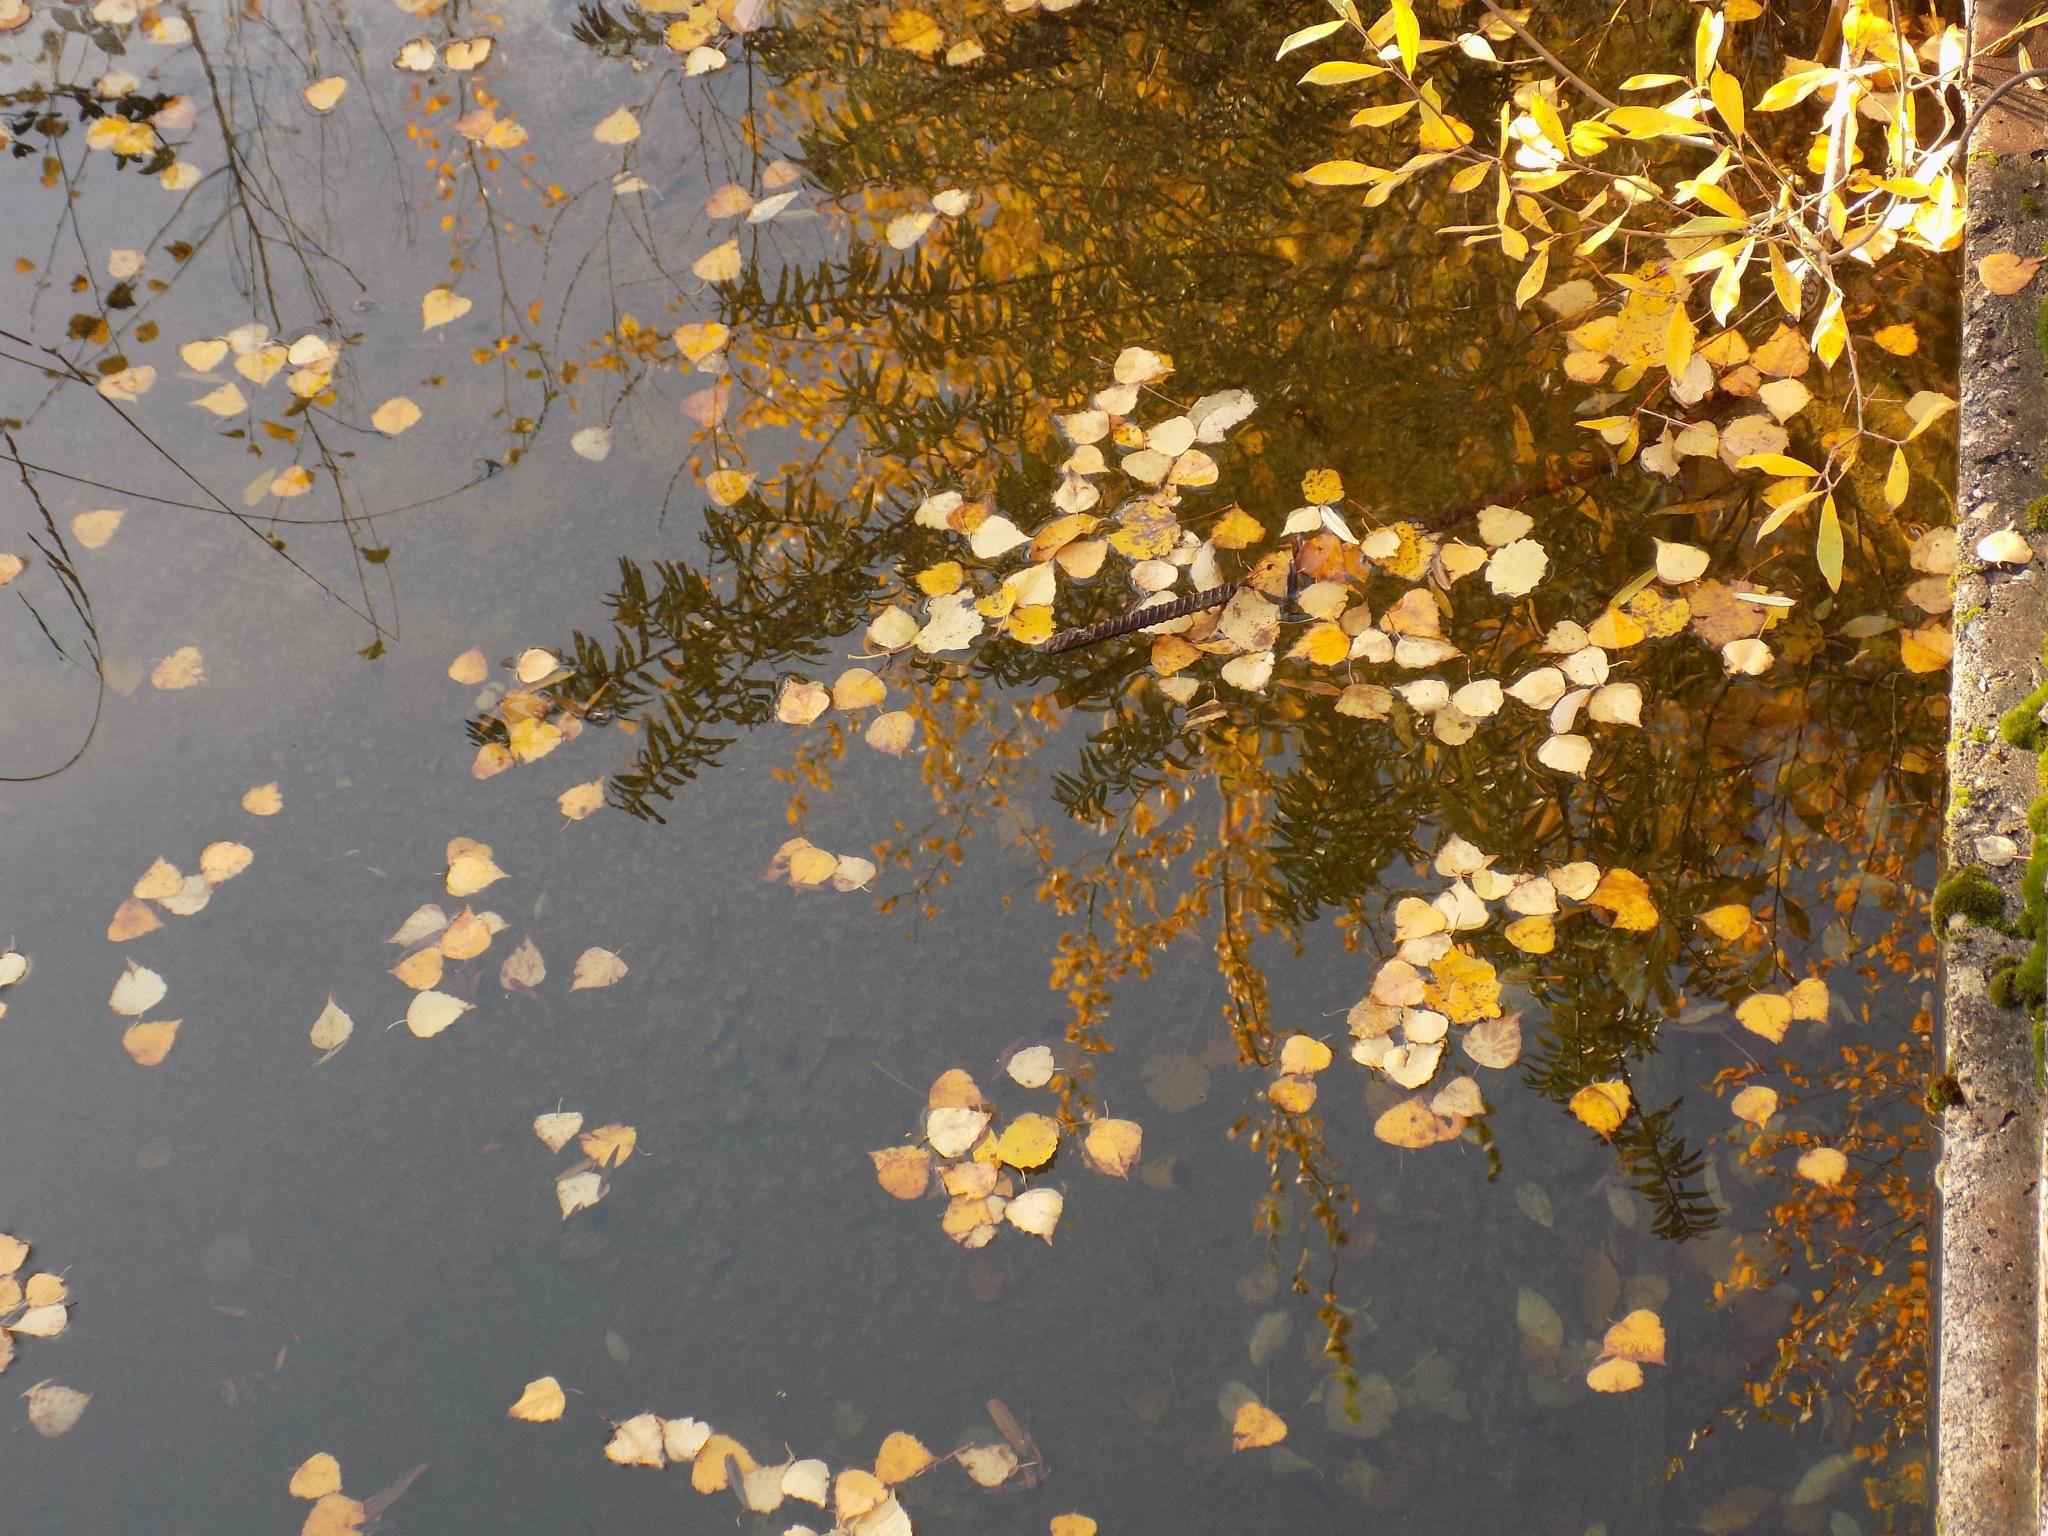 Nature in autumn by uzkuraitiene62